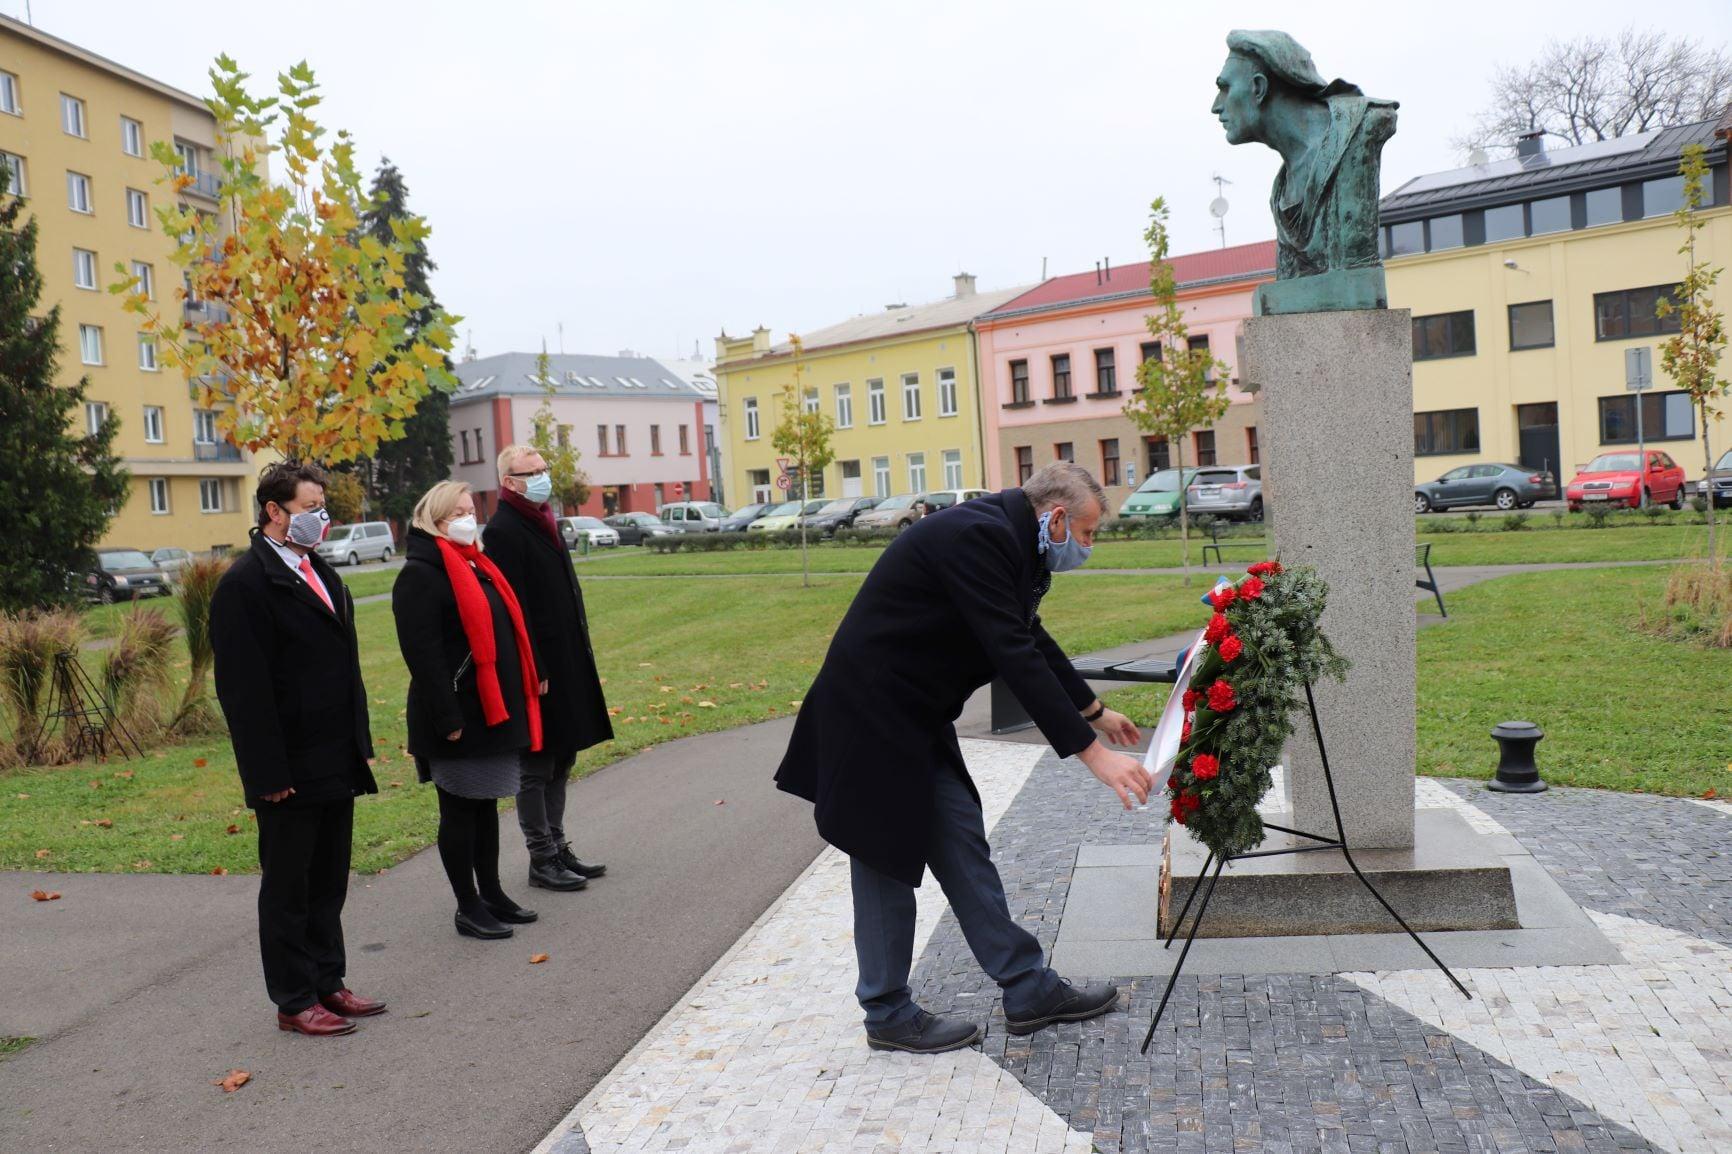 Den válečných veteránů. Vzpomínalo se v Přerově i Olomouci